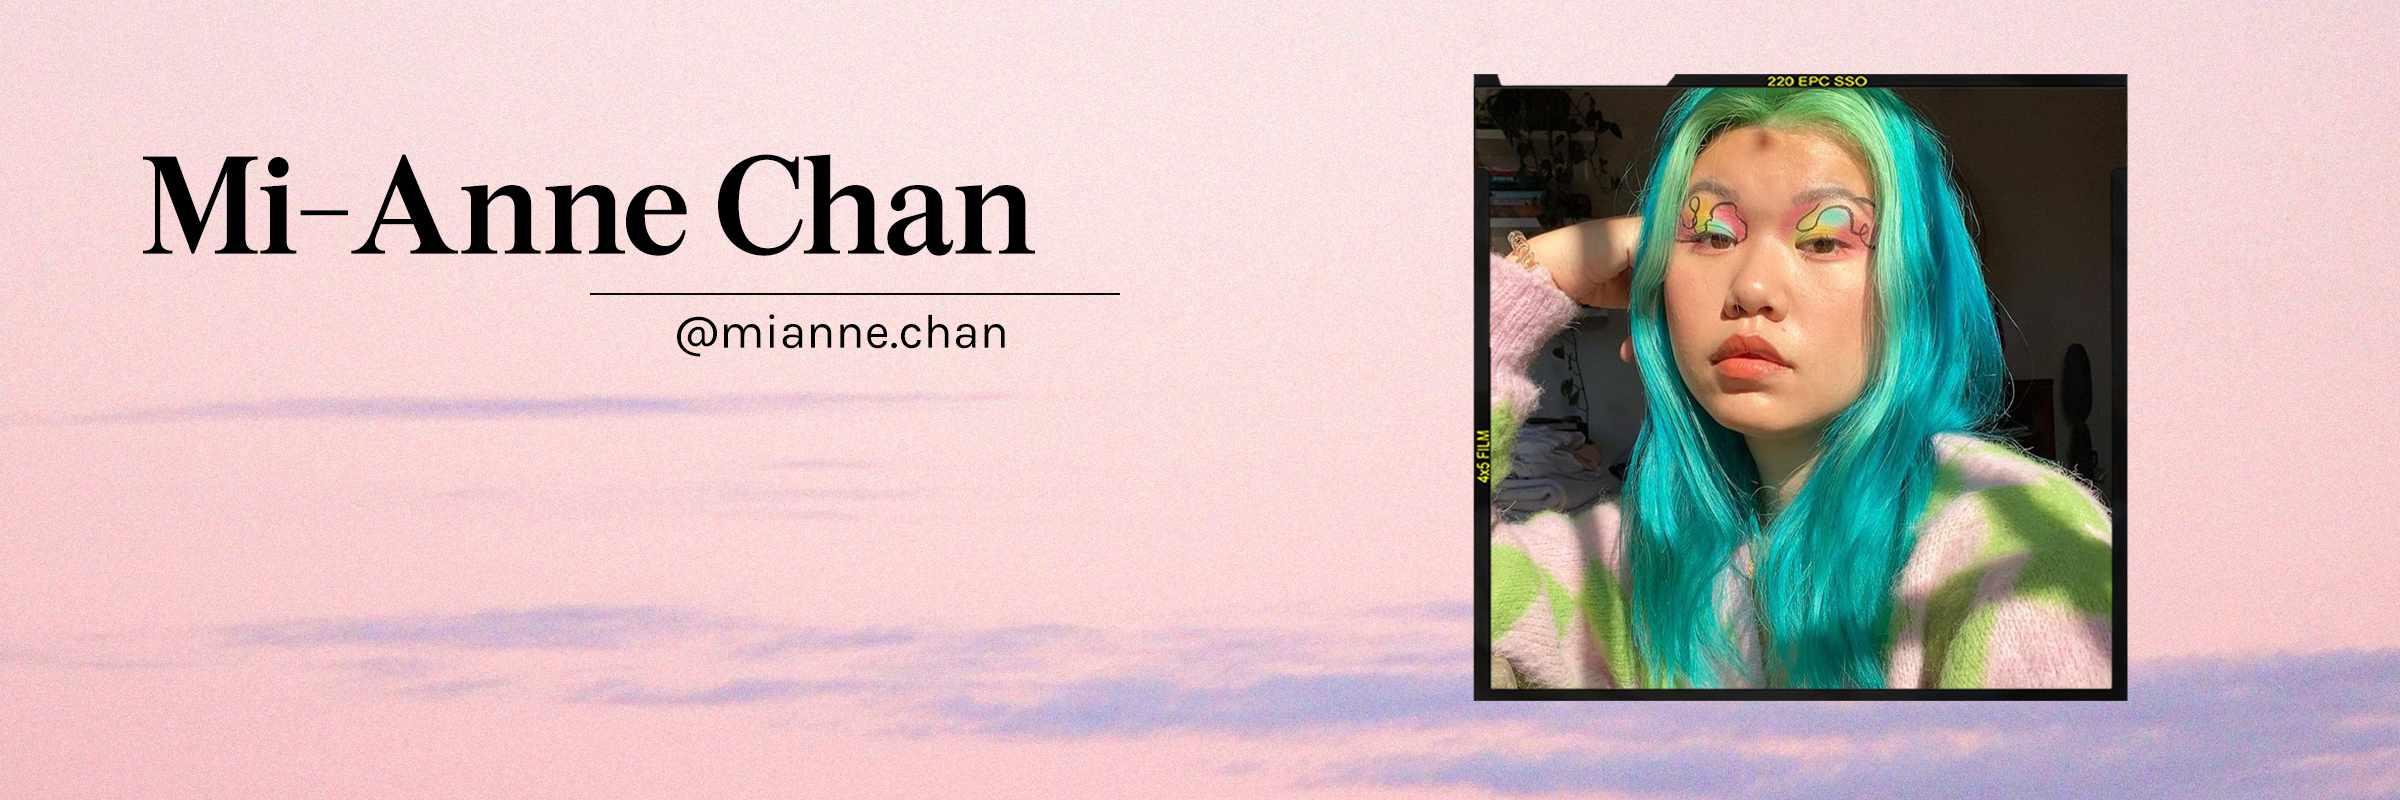 Mi-Anne Chan